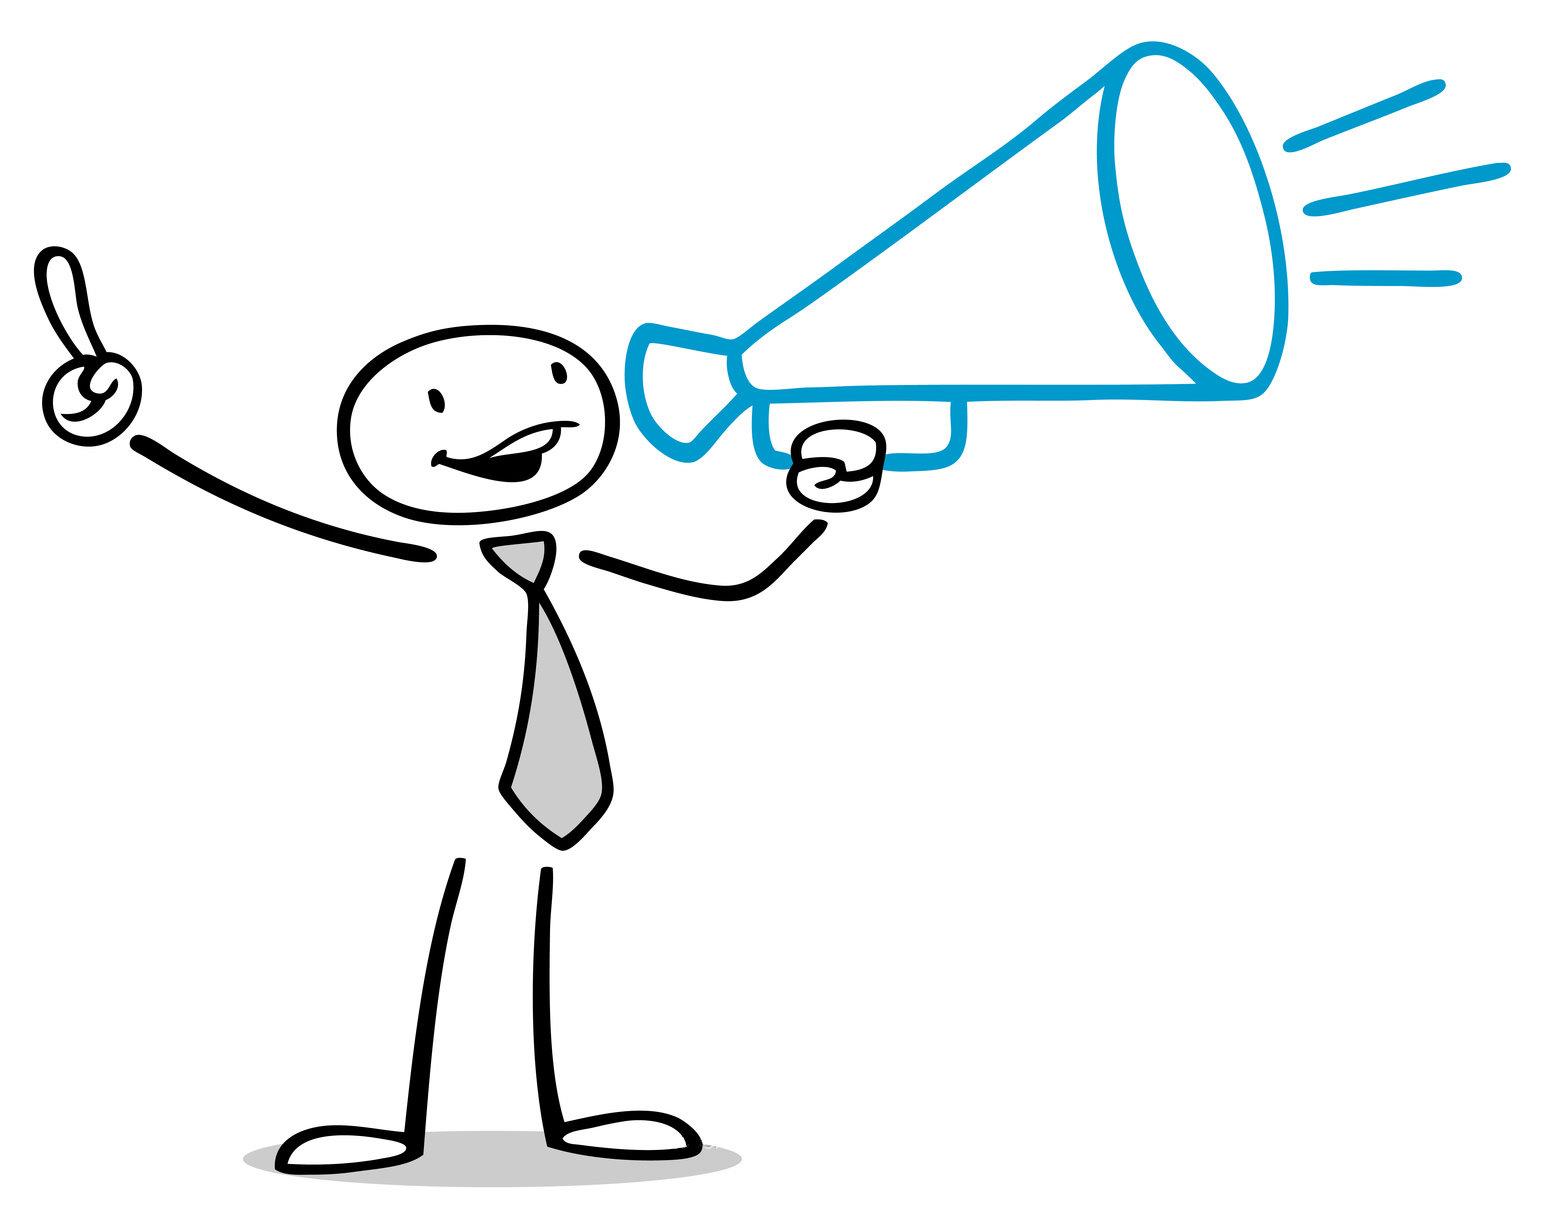 Welche sprachlichen Möglichkeiten kann man in einem Bewerbungsgespräch nutzen und wie sollte man argumentieren? Andere zu überzeugen lässt sich erlernen!